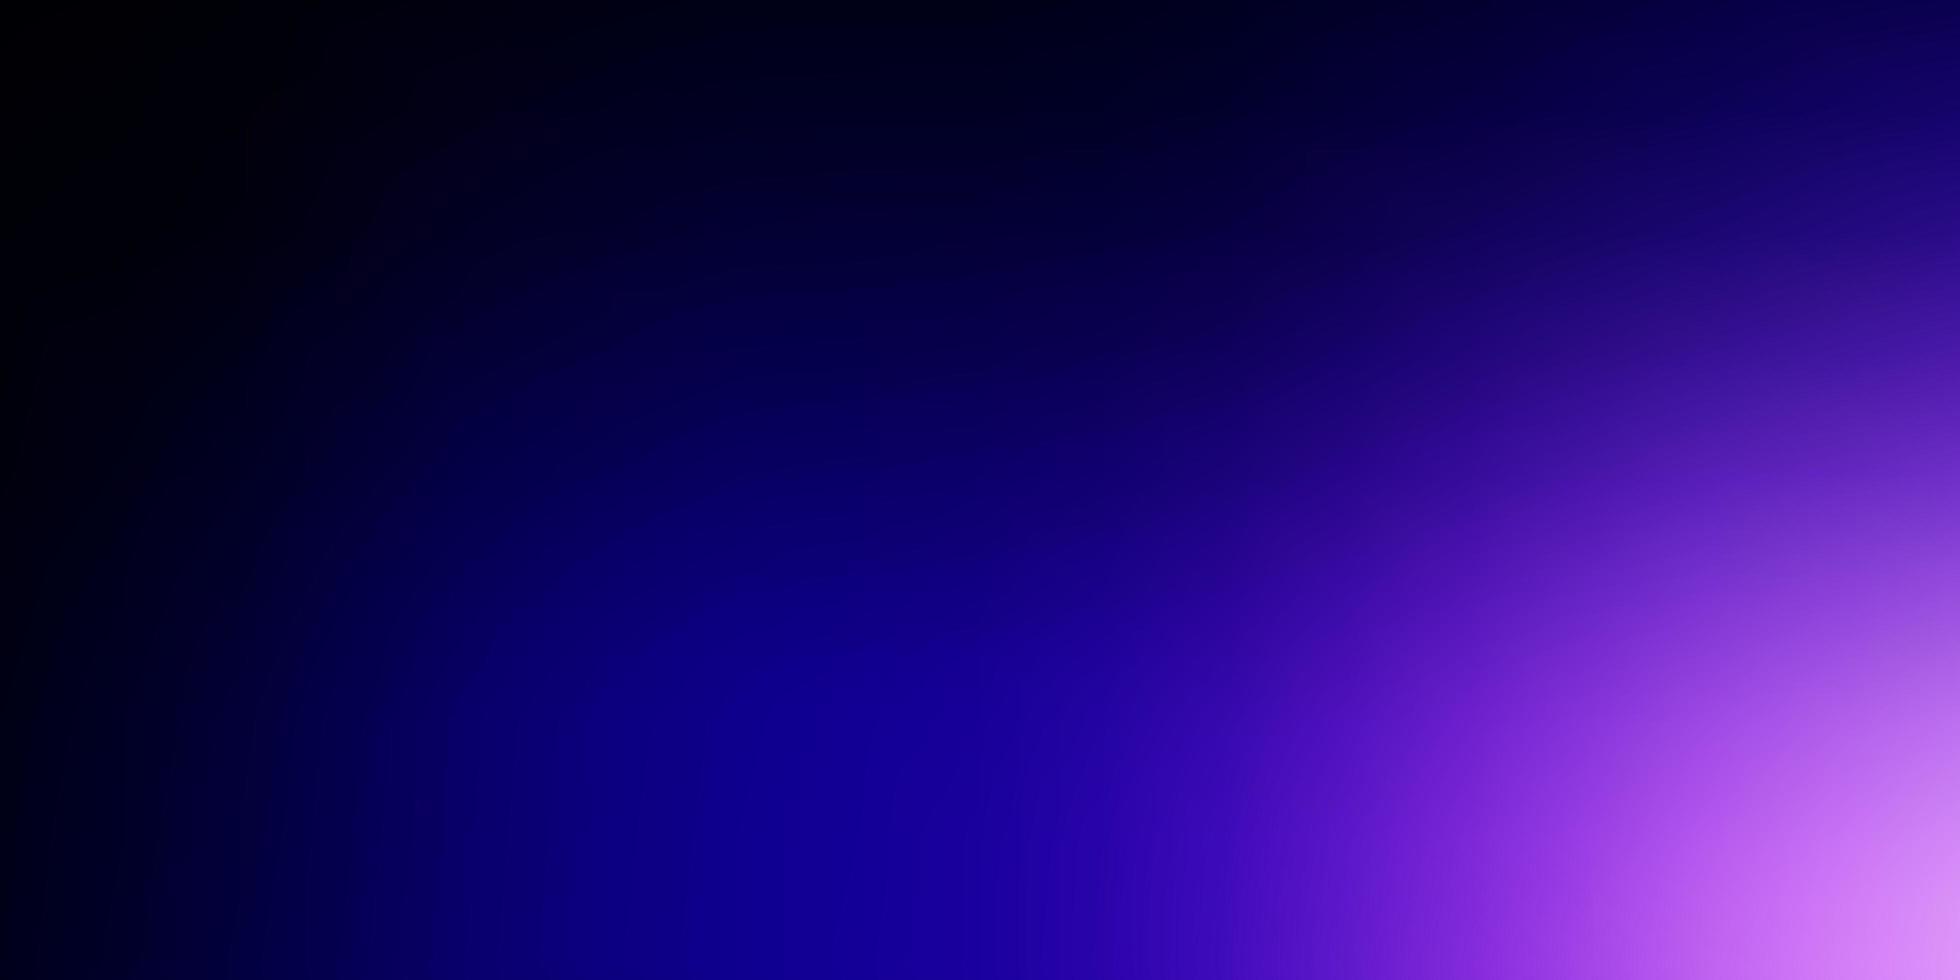 sfondo astratto vettoriale viola scuro, rosa.